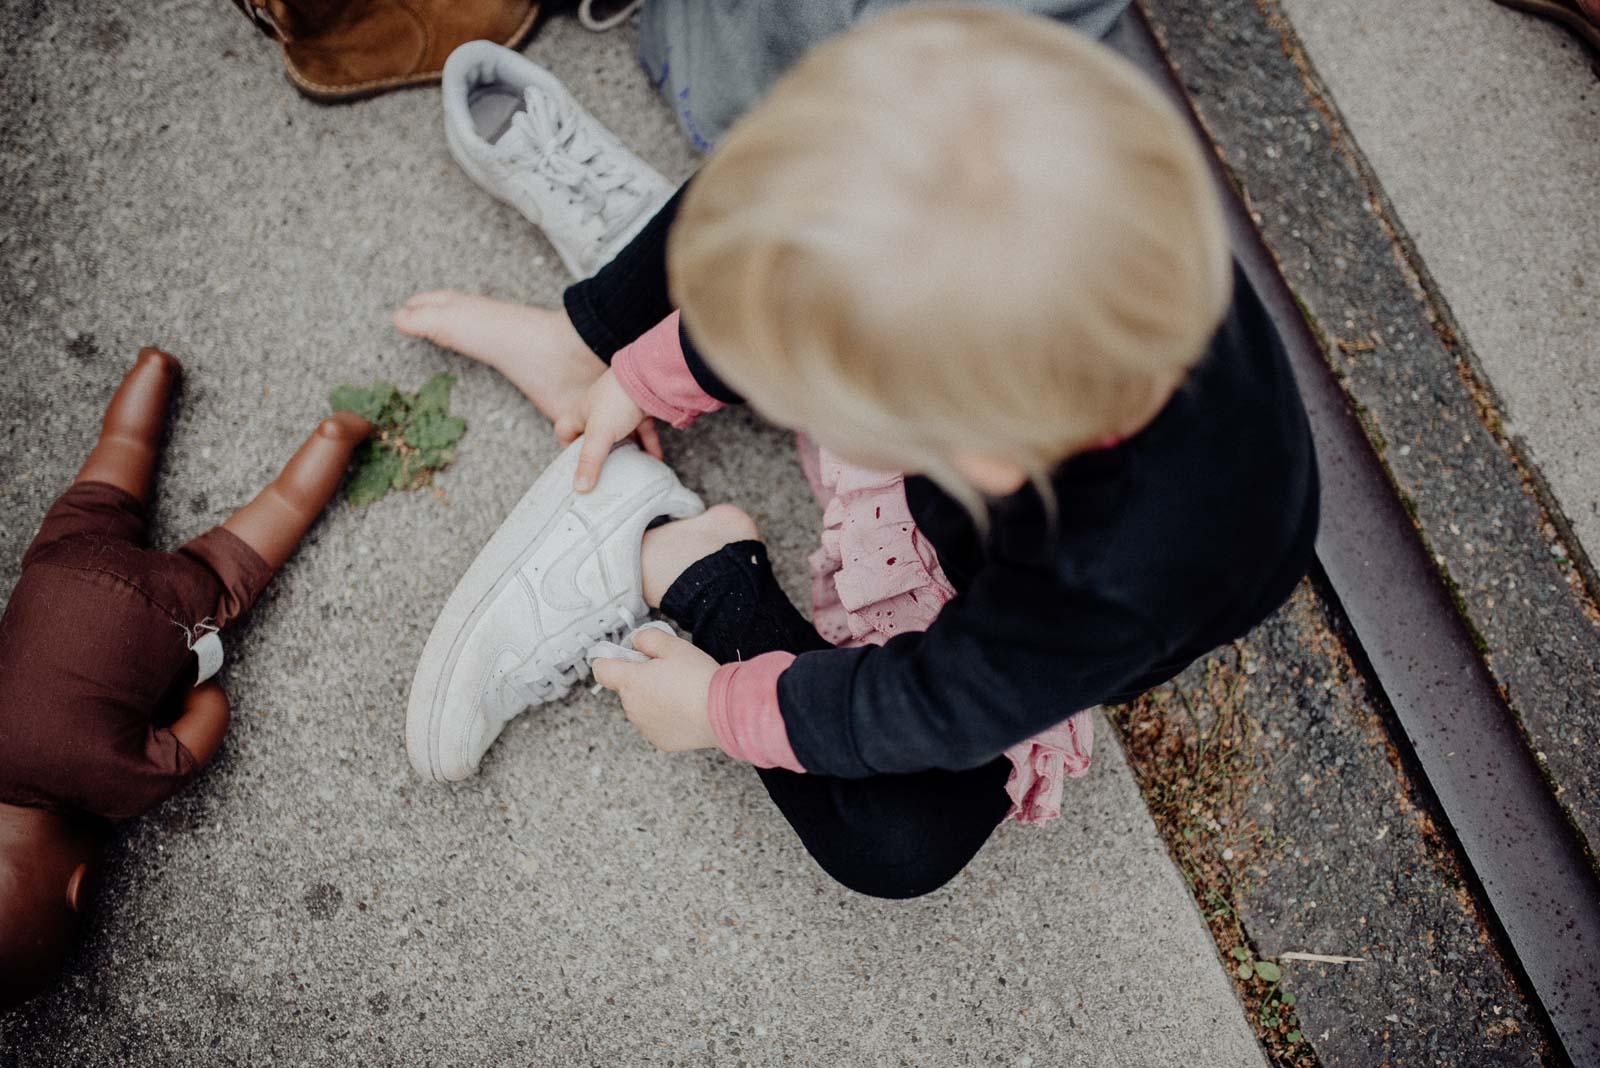 Ava zieht die Schuhe Ihres großen Bruders an